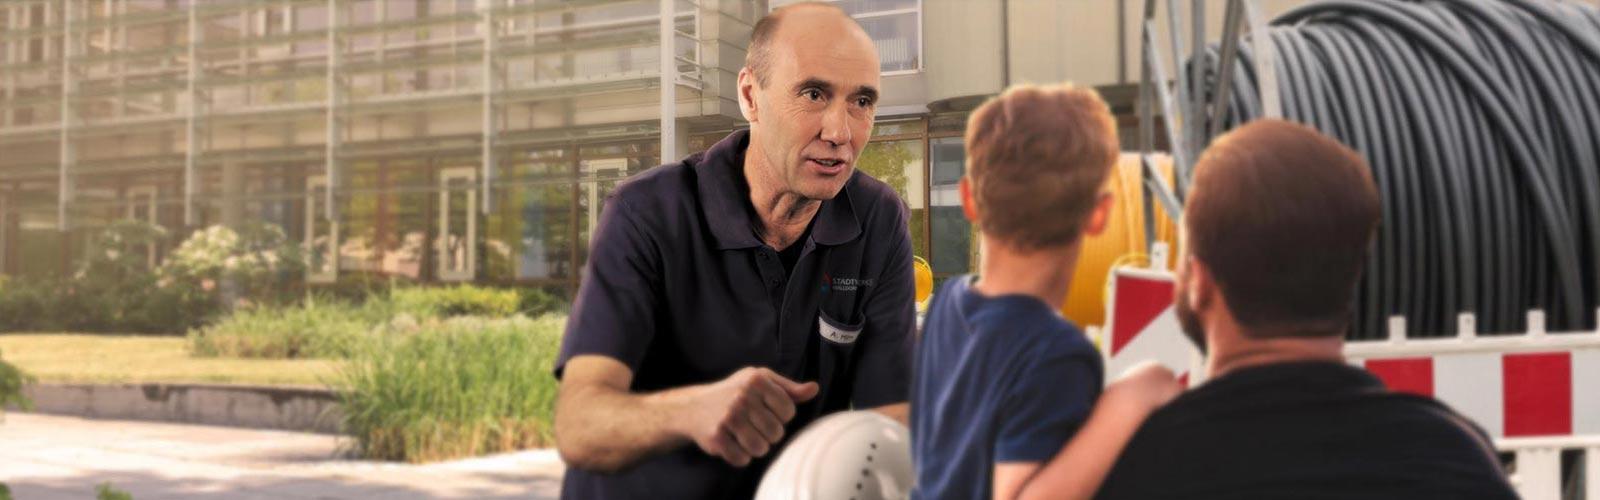 Andreas Hirn von den Stadtwerken Walldorf erklärt einem Vater mit seinem Sohn das Verlegen der neuen Leitungen.